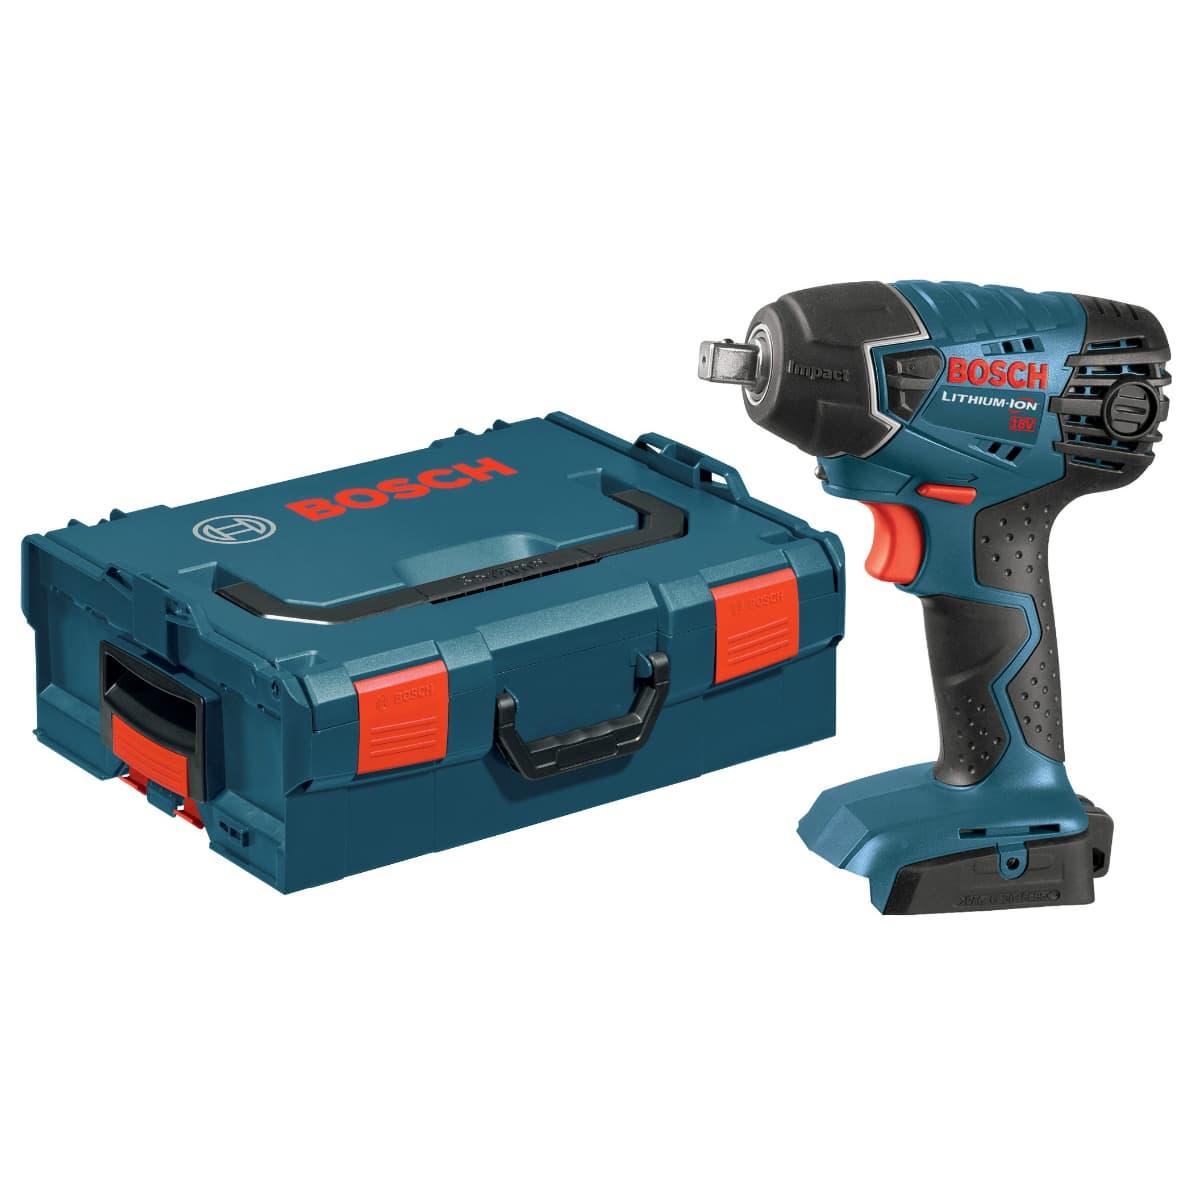 voltage 18v brand bosch slug buster knockouts slug buster rh toolup com bosch scan tool manual bosch 1350 scan tool manual